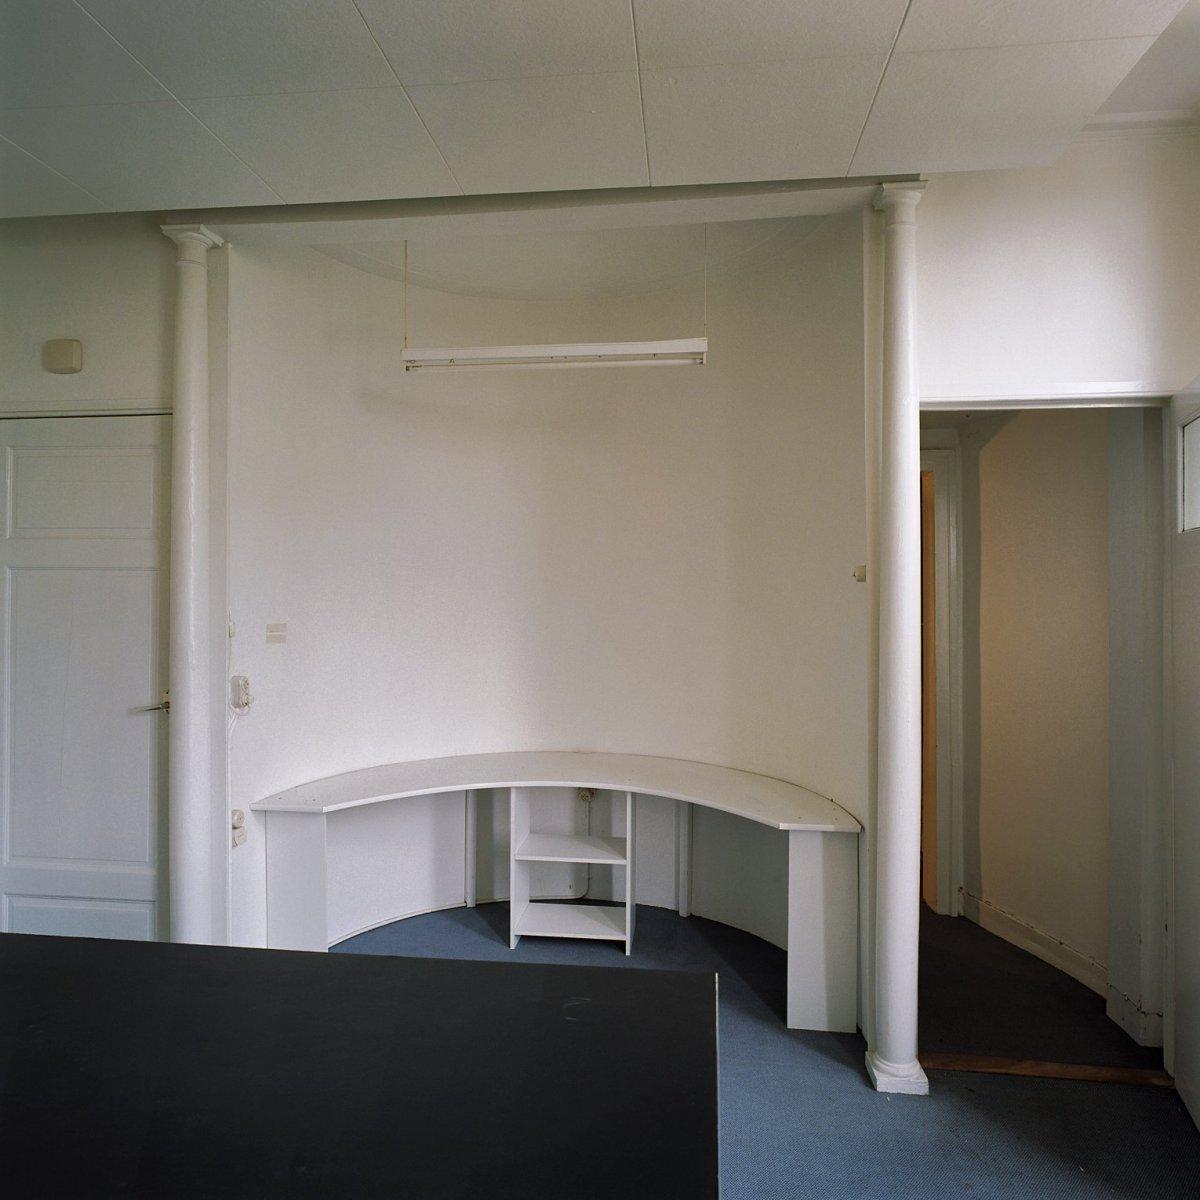 File interieur kamer eerste verdieping linksachter for Kamer interieur